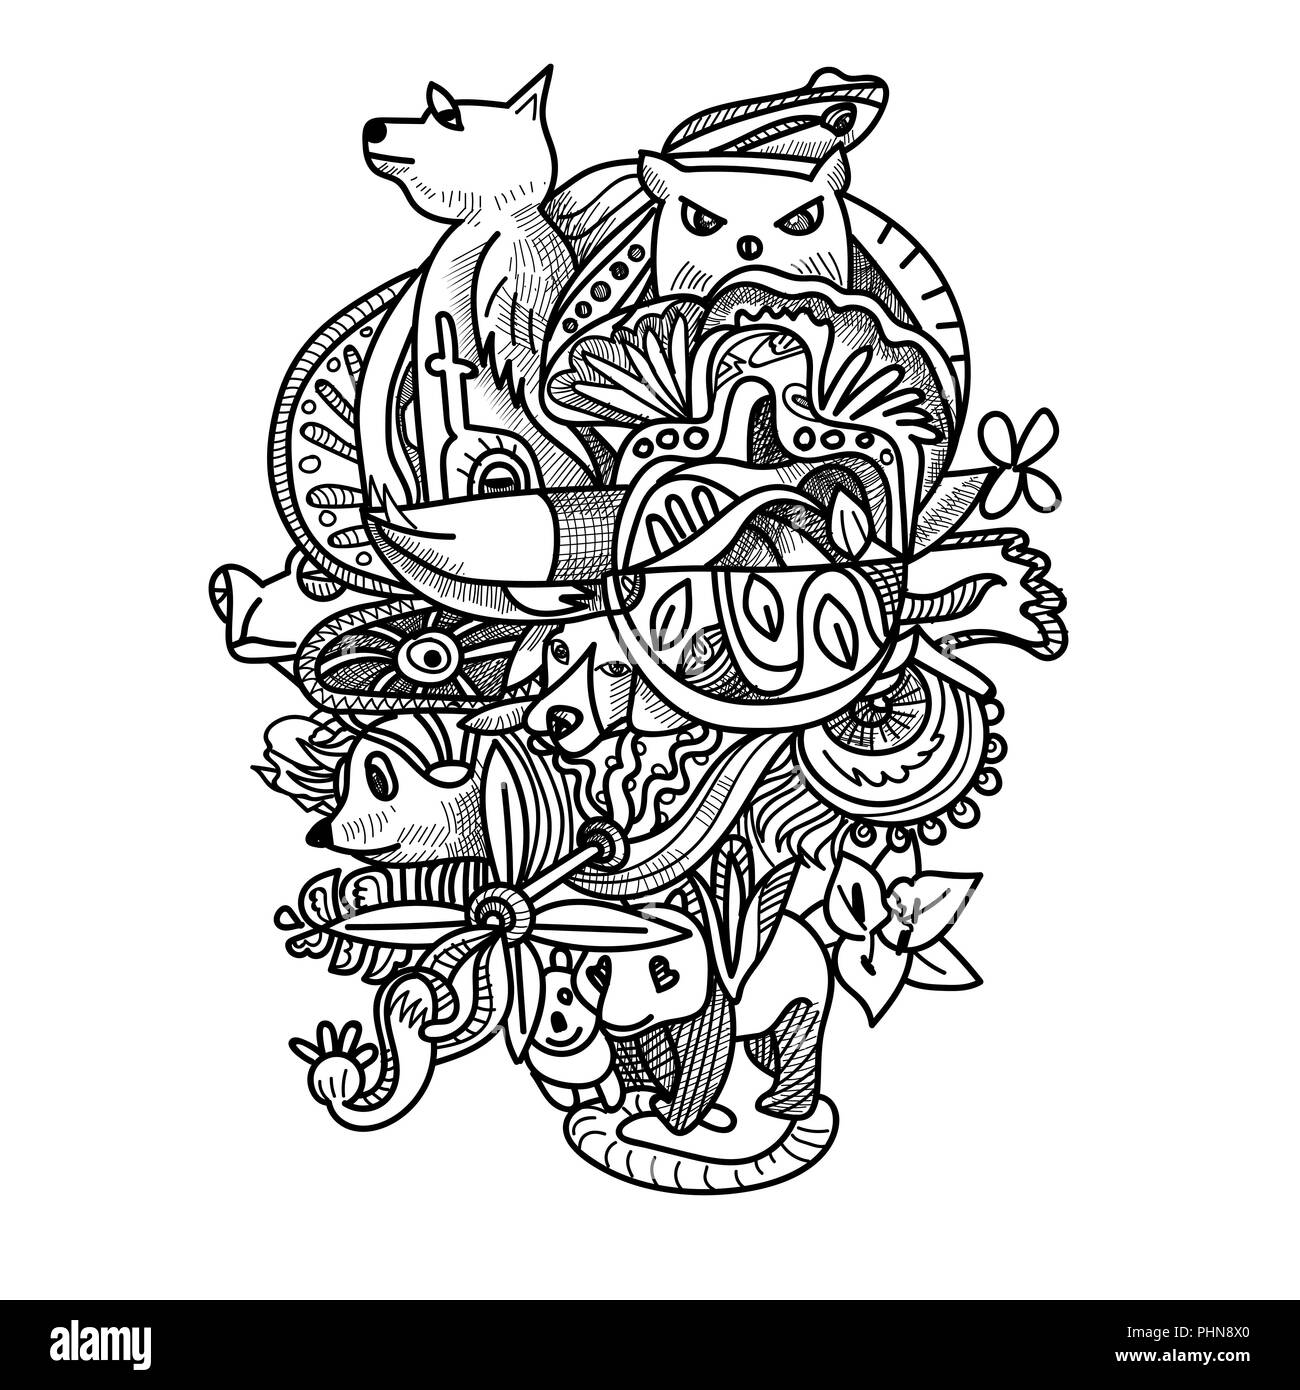 Disegno Doodle Degli Animali Fiore E Forma Astratta Disegno Per